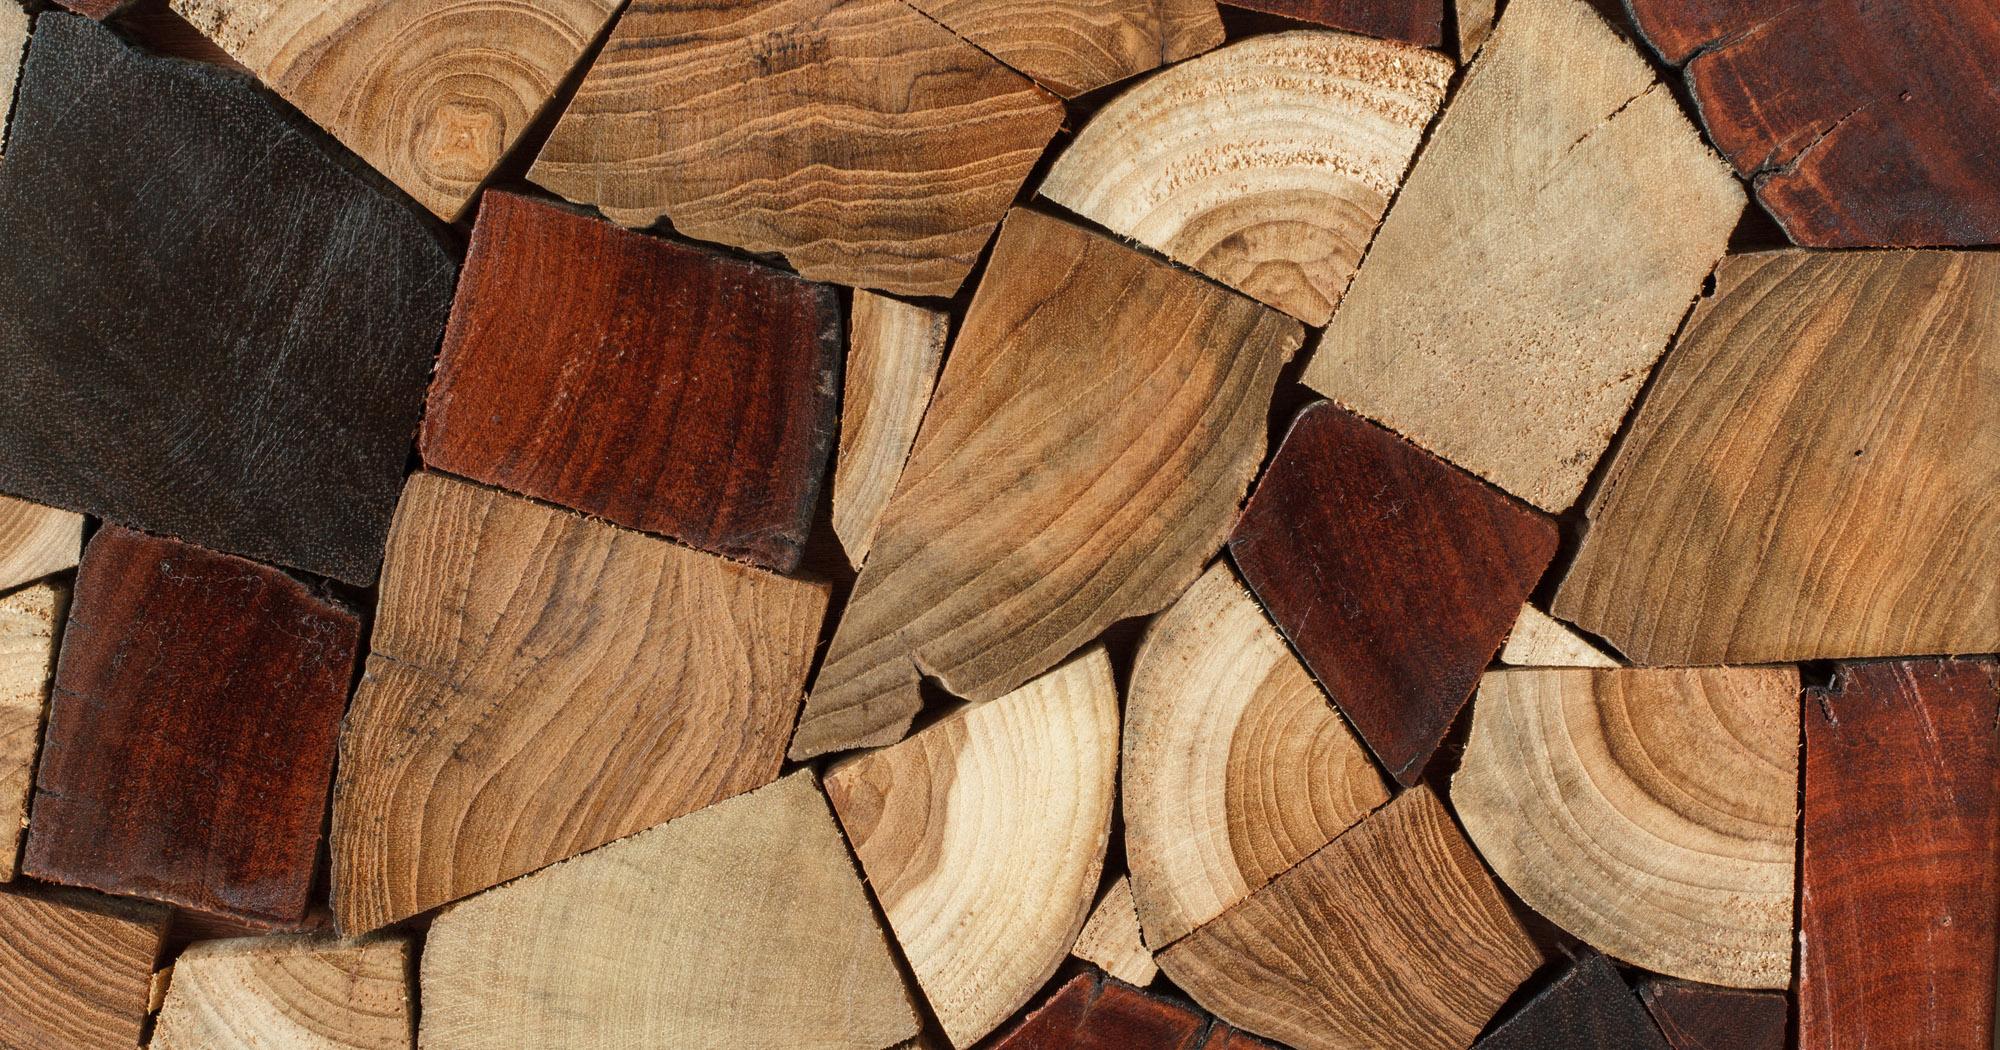 仏壇素材に使われる木材の種類 黒壇・紫壇など